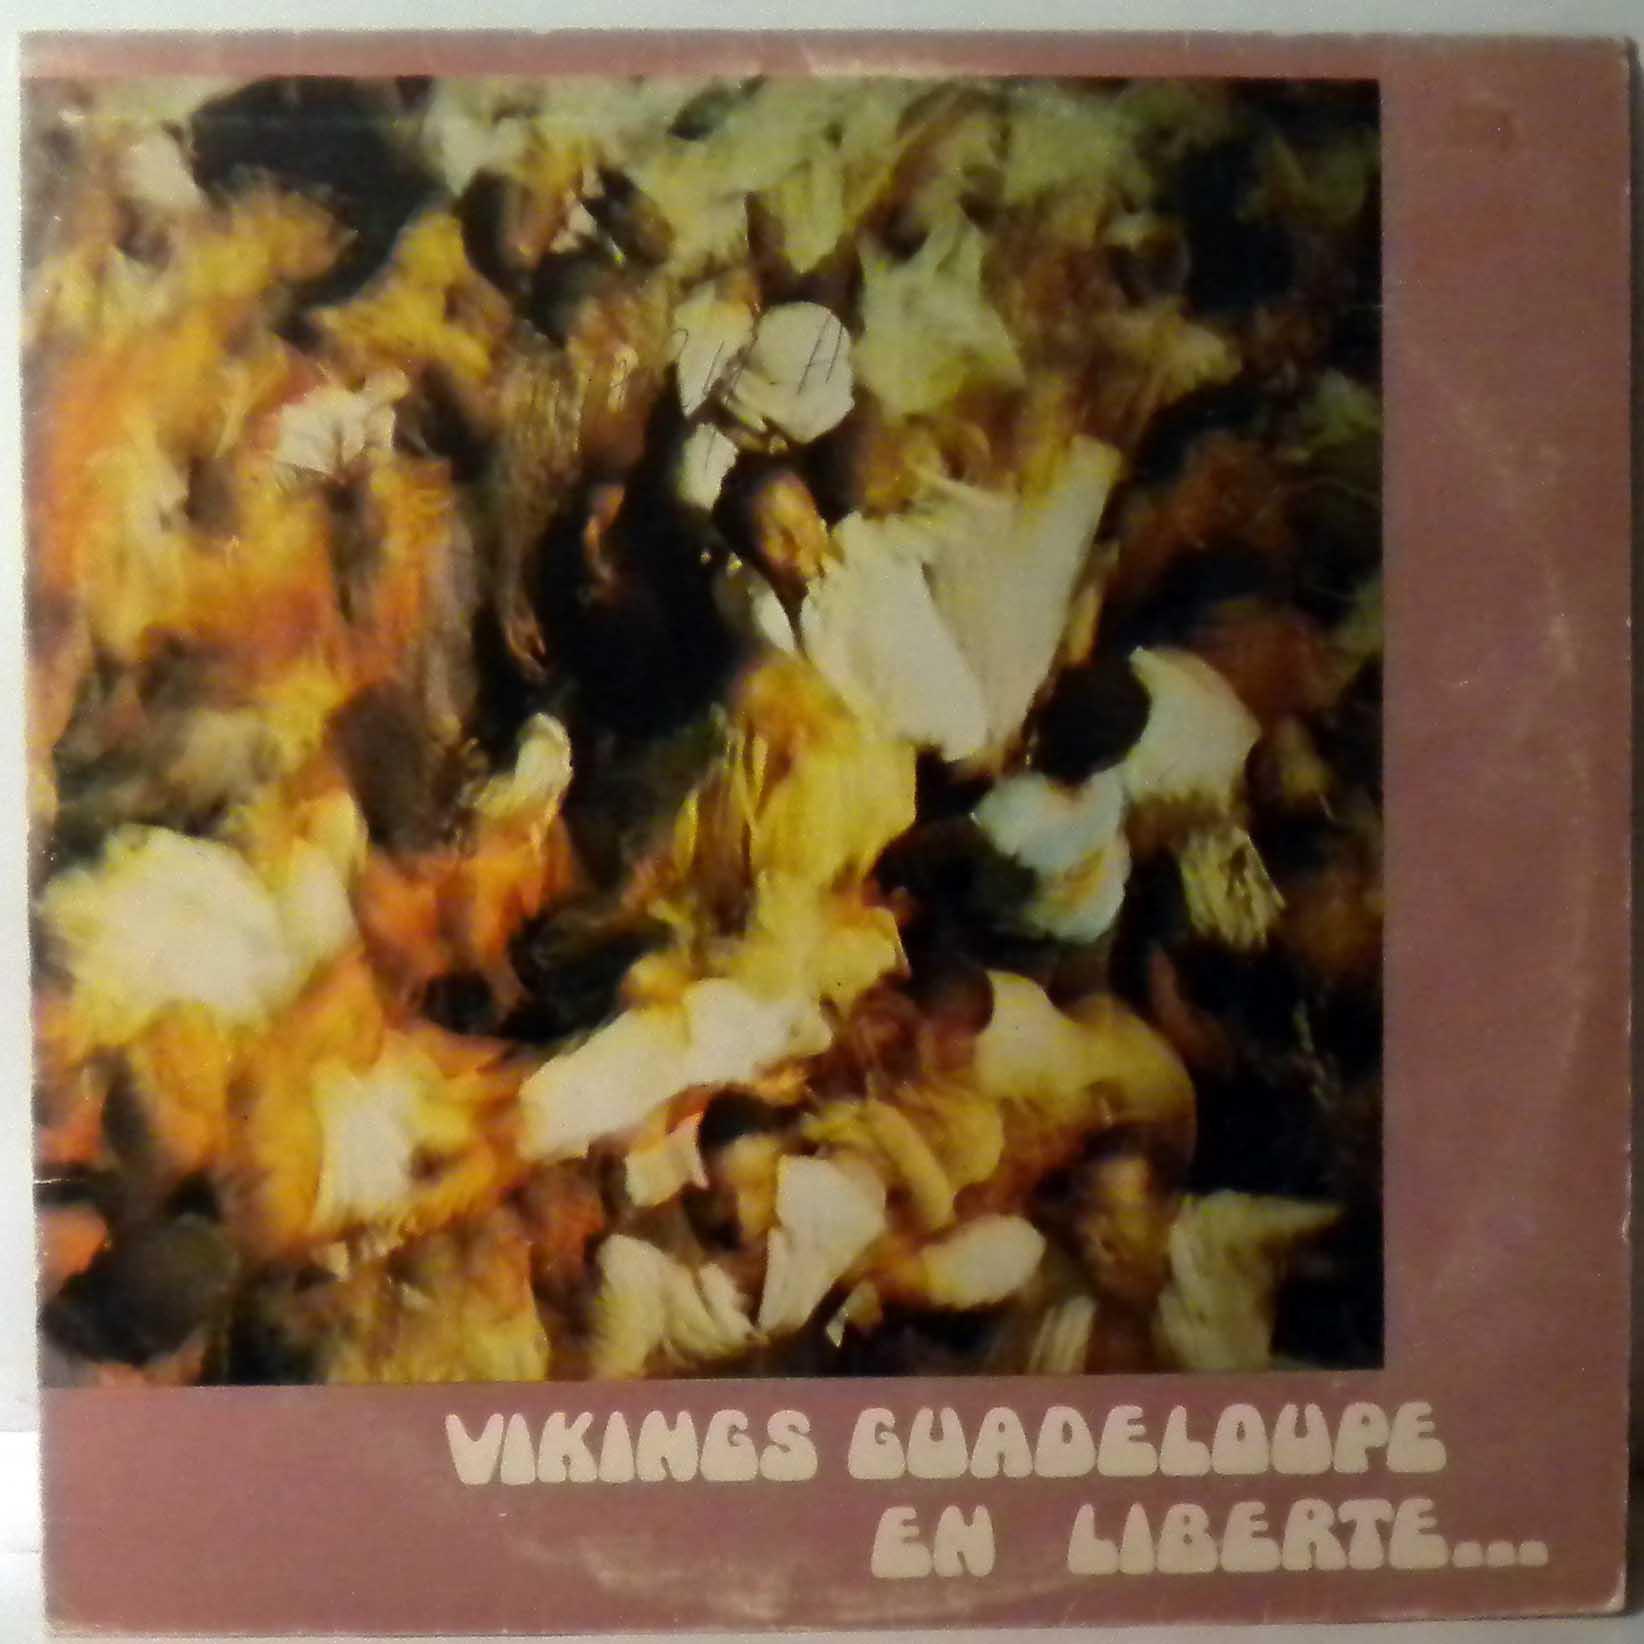 VIKINGS GUADELOUPE - En liberte - LP